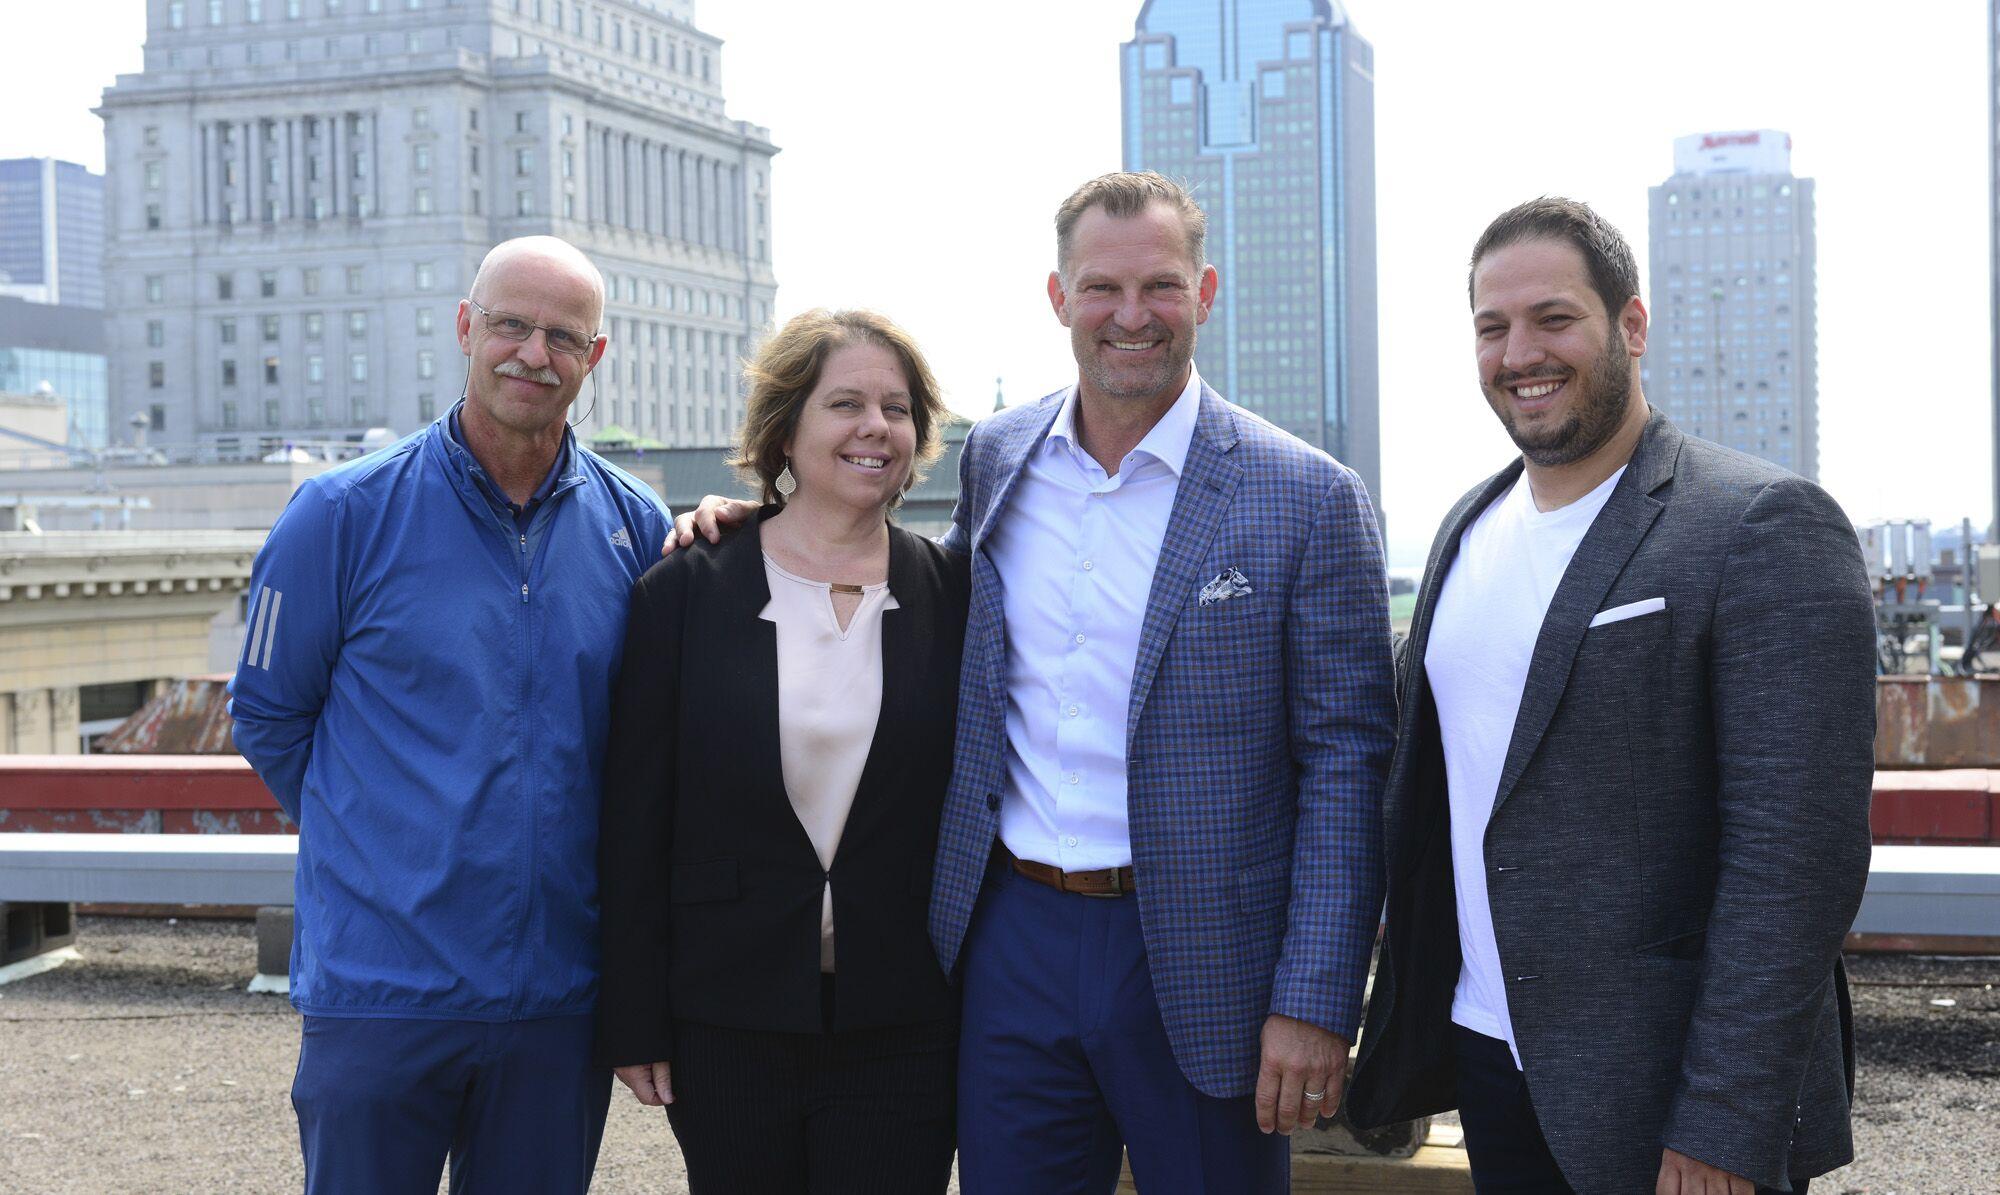 De gauche à droite: Horst Bente (leAD), Carolina Bessega (Stradigi AI), Kirk Muller (Canadiens de Momtréal),  Basil Bouraropoulos (Stradigi AI),